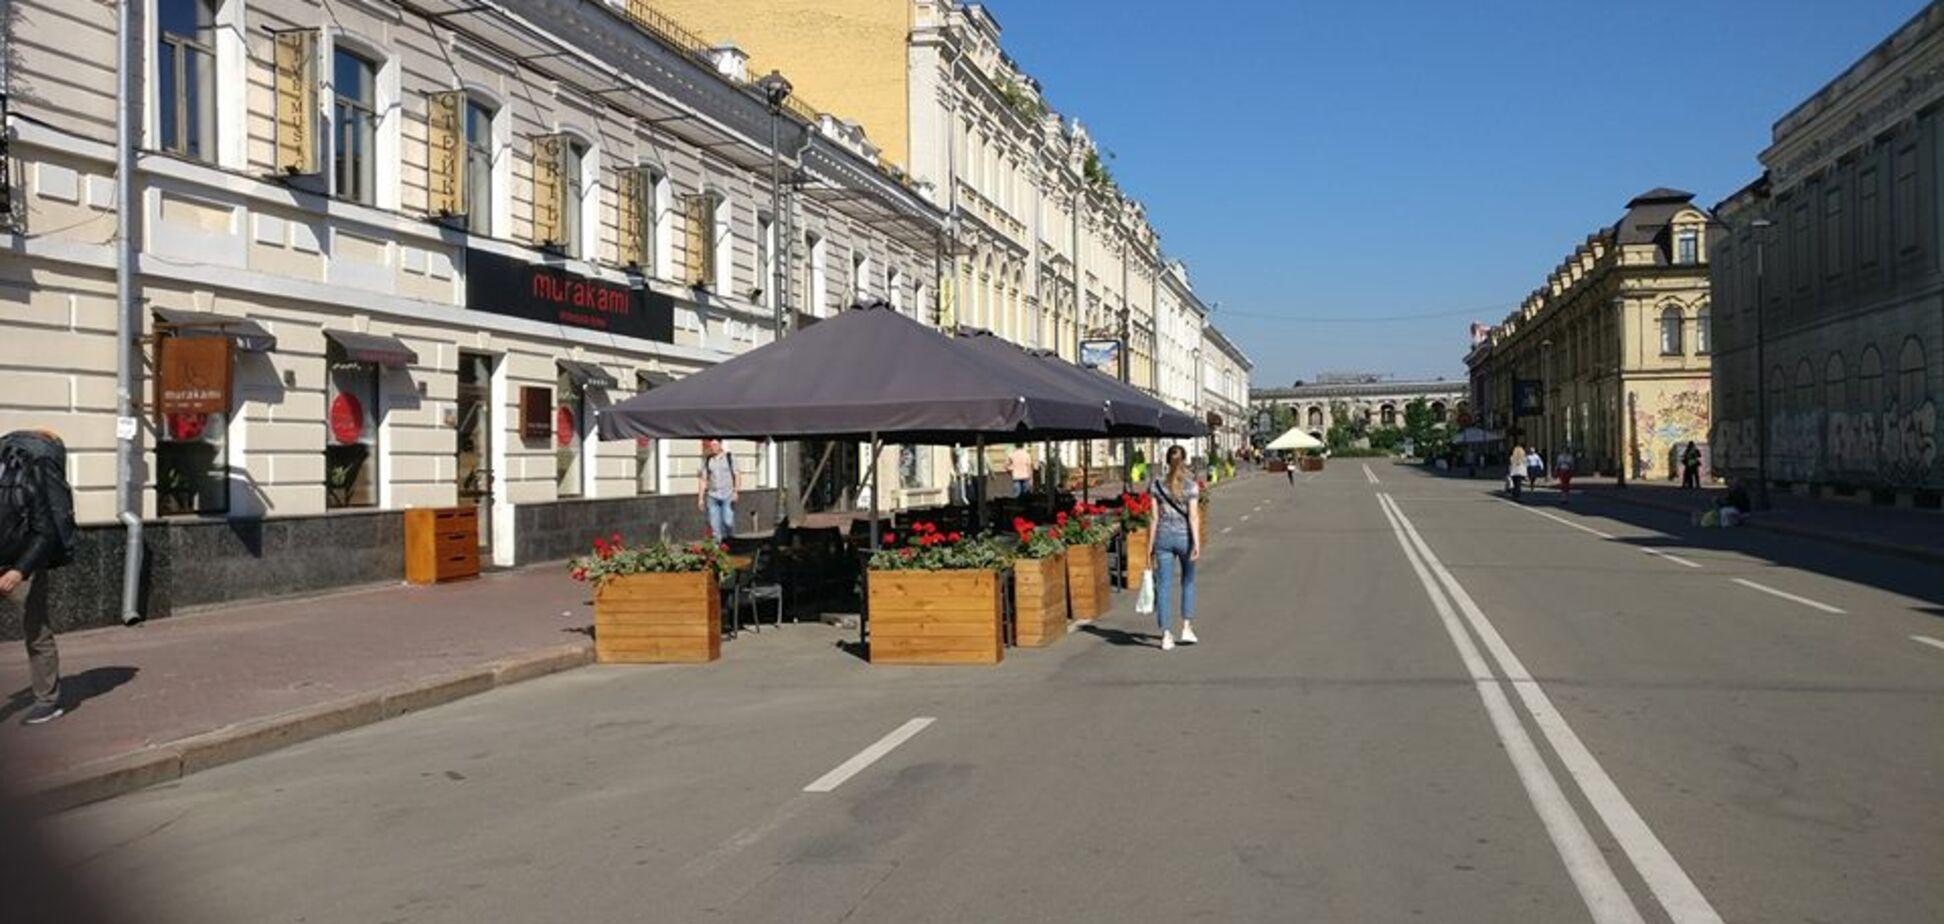 Киевлян возмутили 'царь-сараи' в центре города